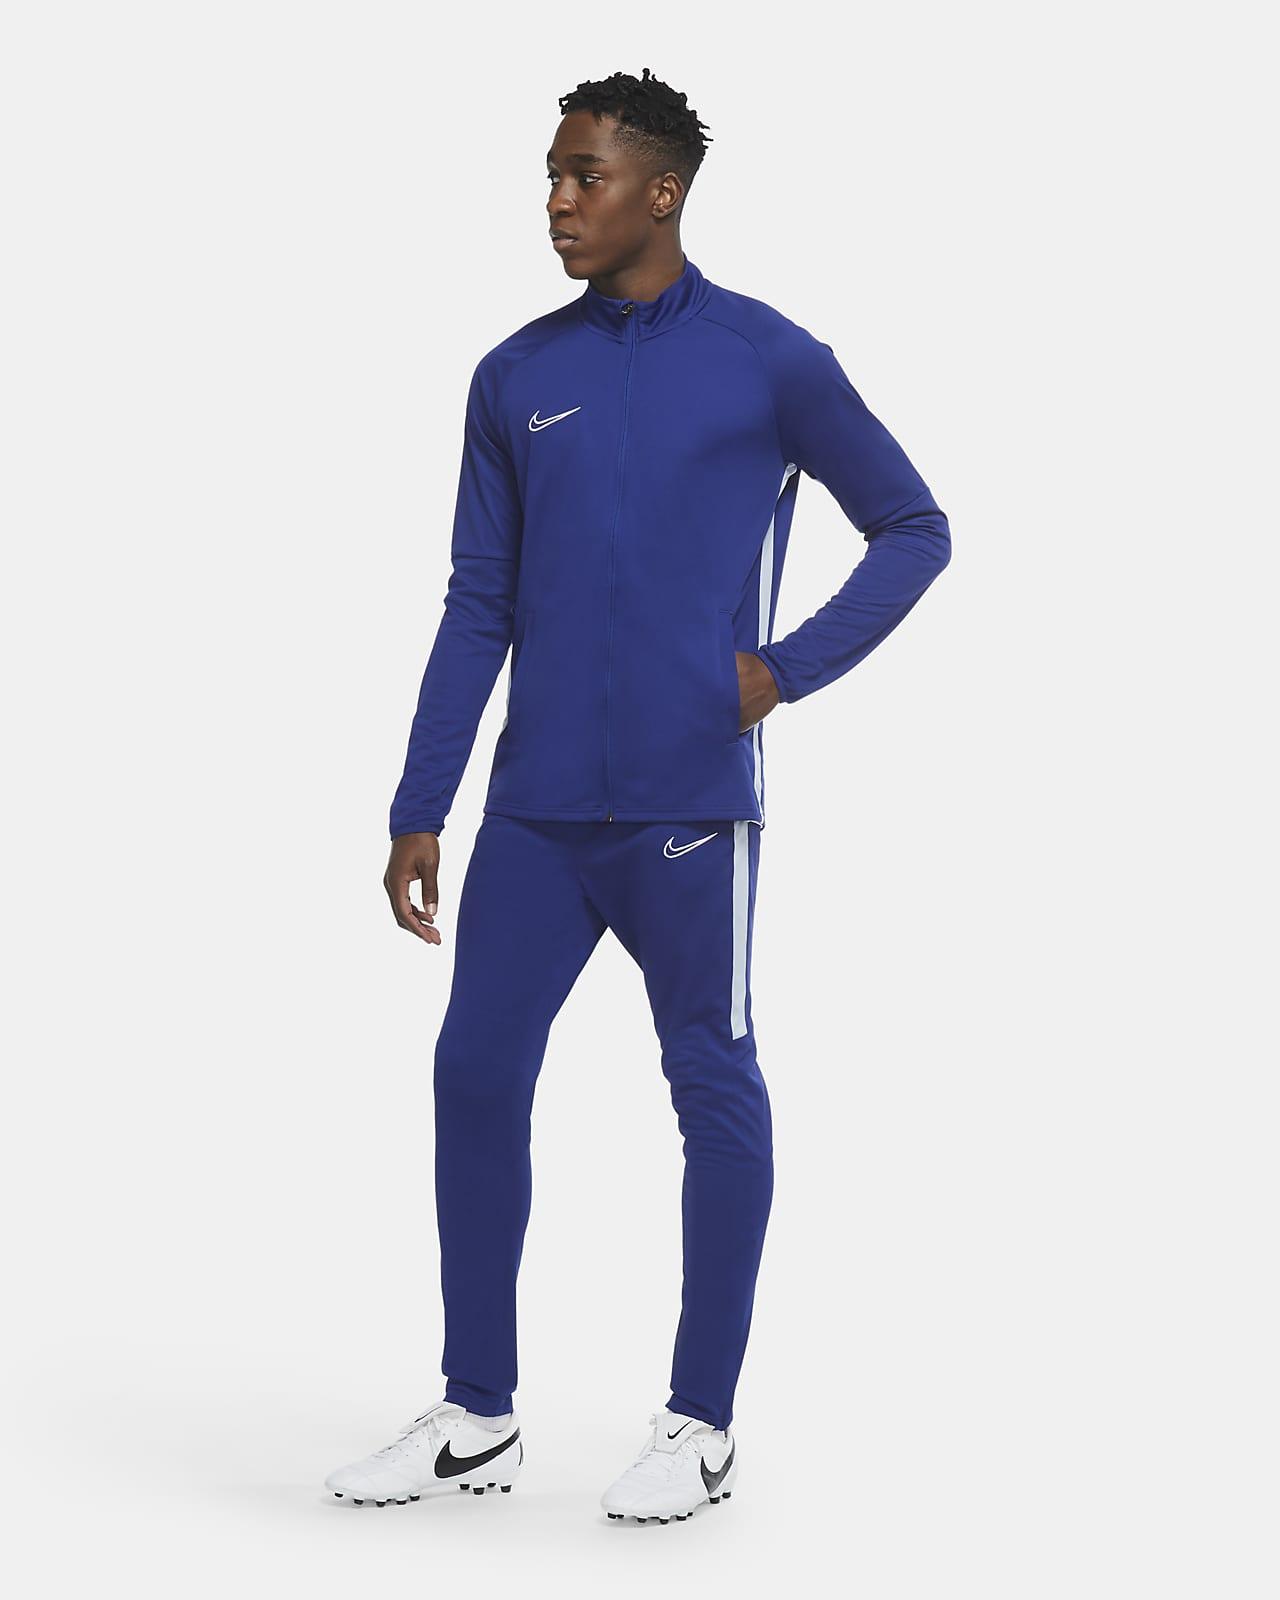 Nike Dri-FIT Academy fotballtreningsdress til herre